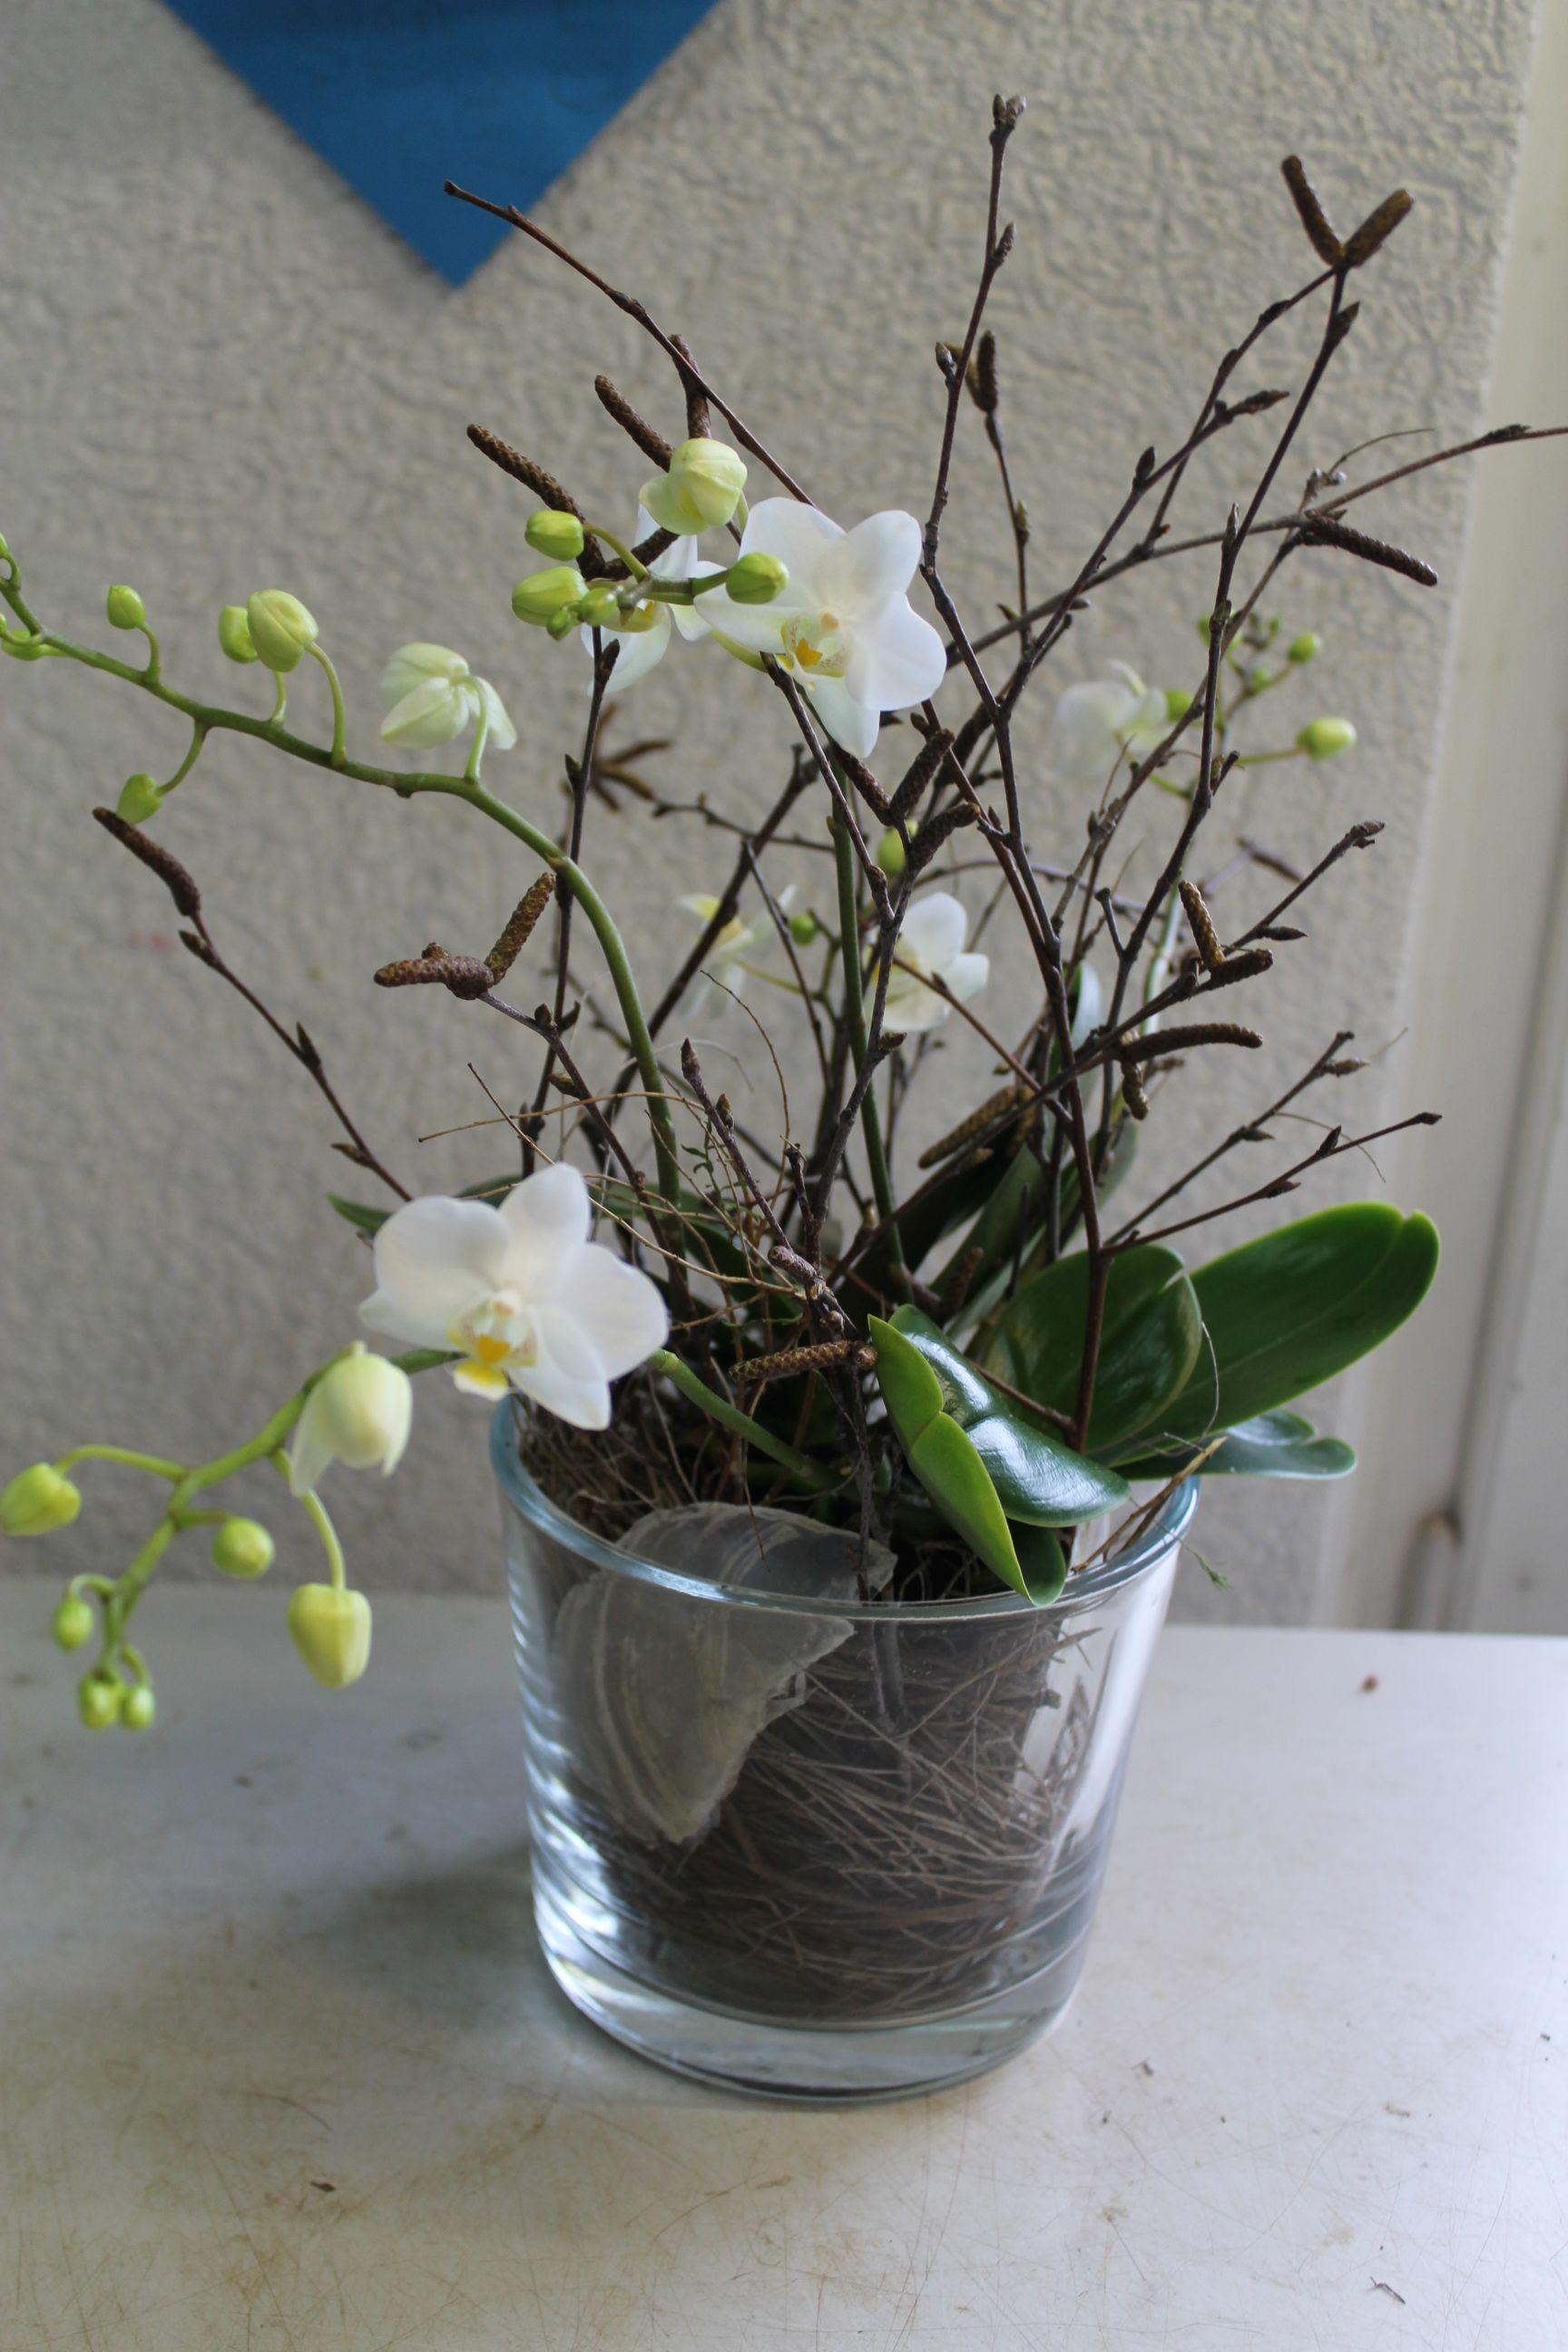 Diy weisse phalaenopsis orchidee selber in glas eintopfen nat rlich dekorieren ideen - Dekoration mit orchideen ...